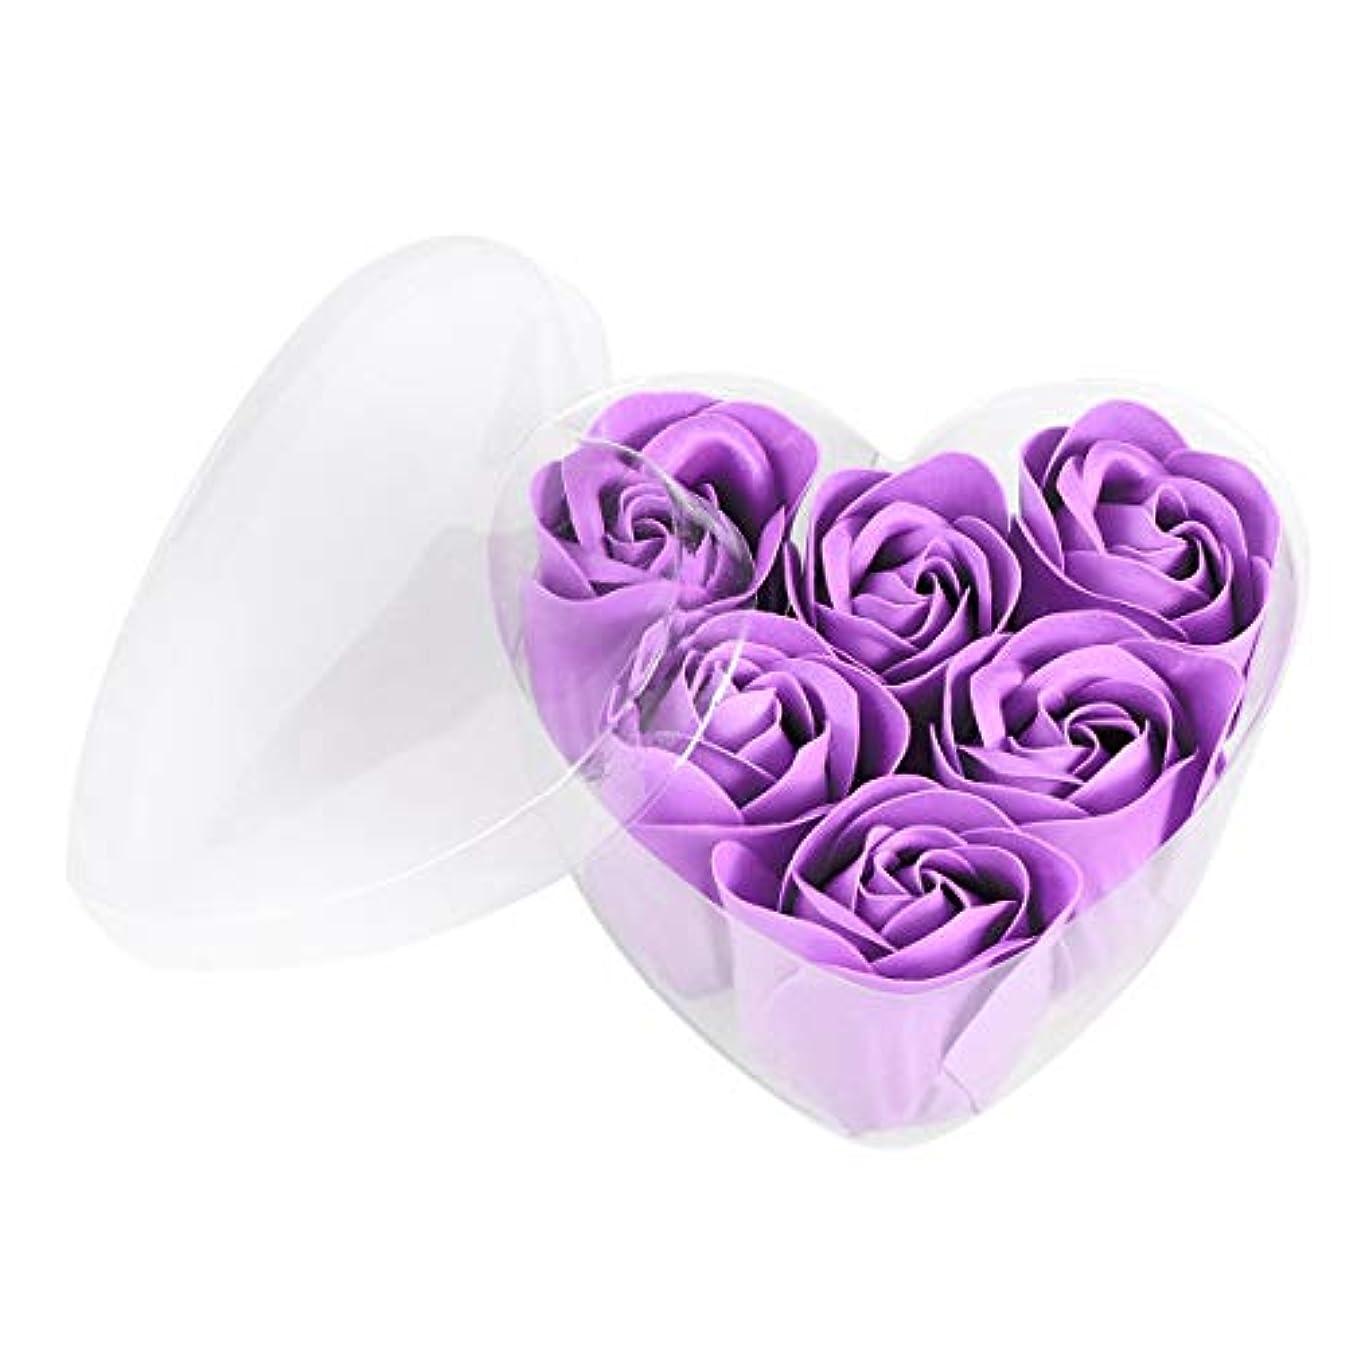 分離する永続ロックFRCOLOR 6ピースシミュレーションローズソープハート型フラワーソープギフトボックス用誕生日Valentin's Day(紫)